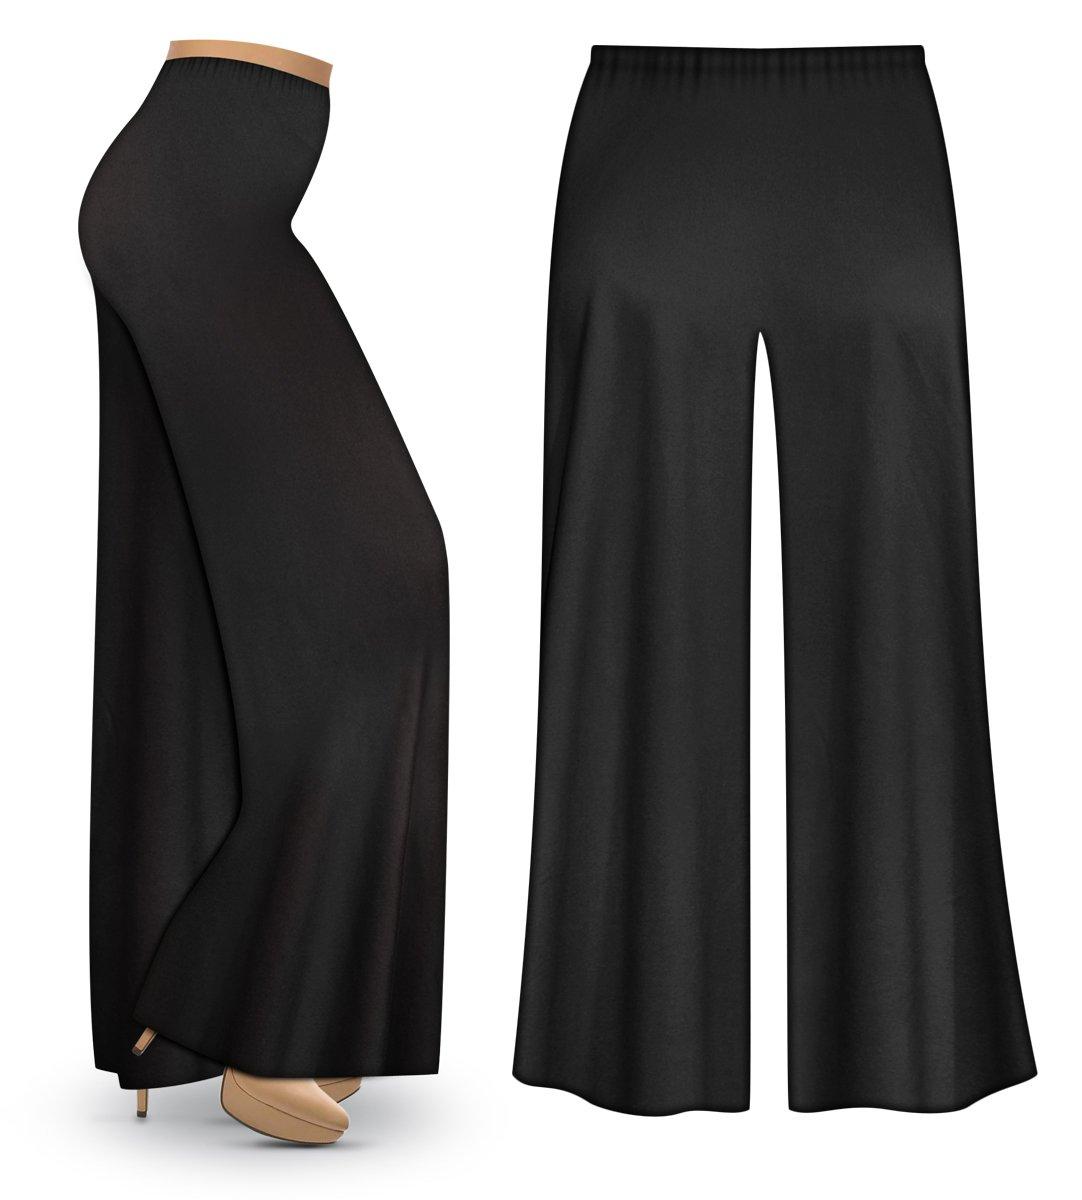 Sanctuarie Designs Black Poly/Cotton Jersey Knit Wide Leg Plus Size Supersize Palazzo Pants 3X